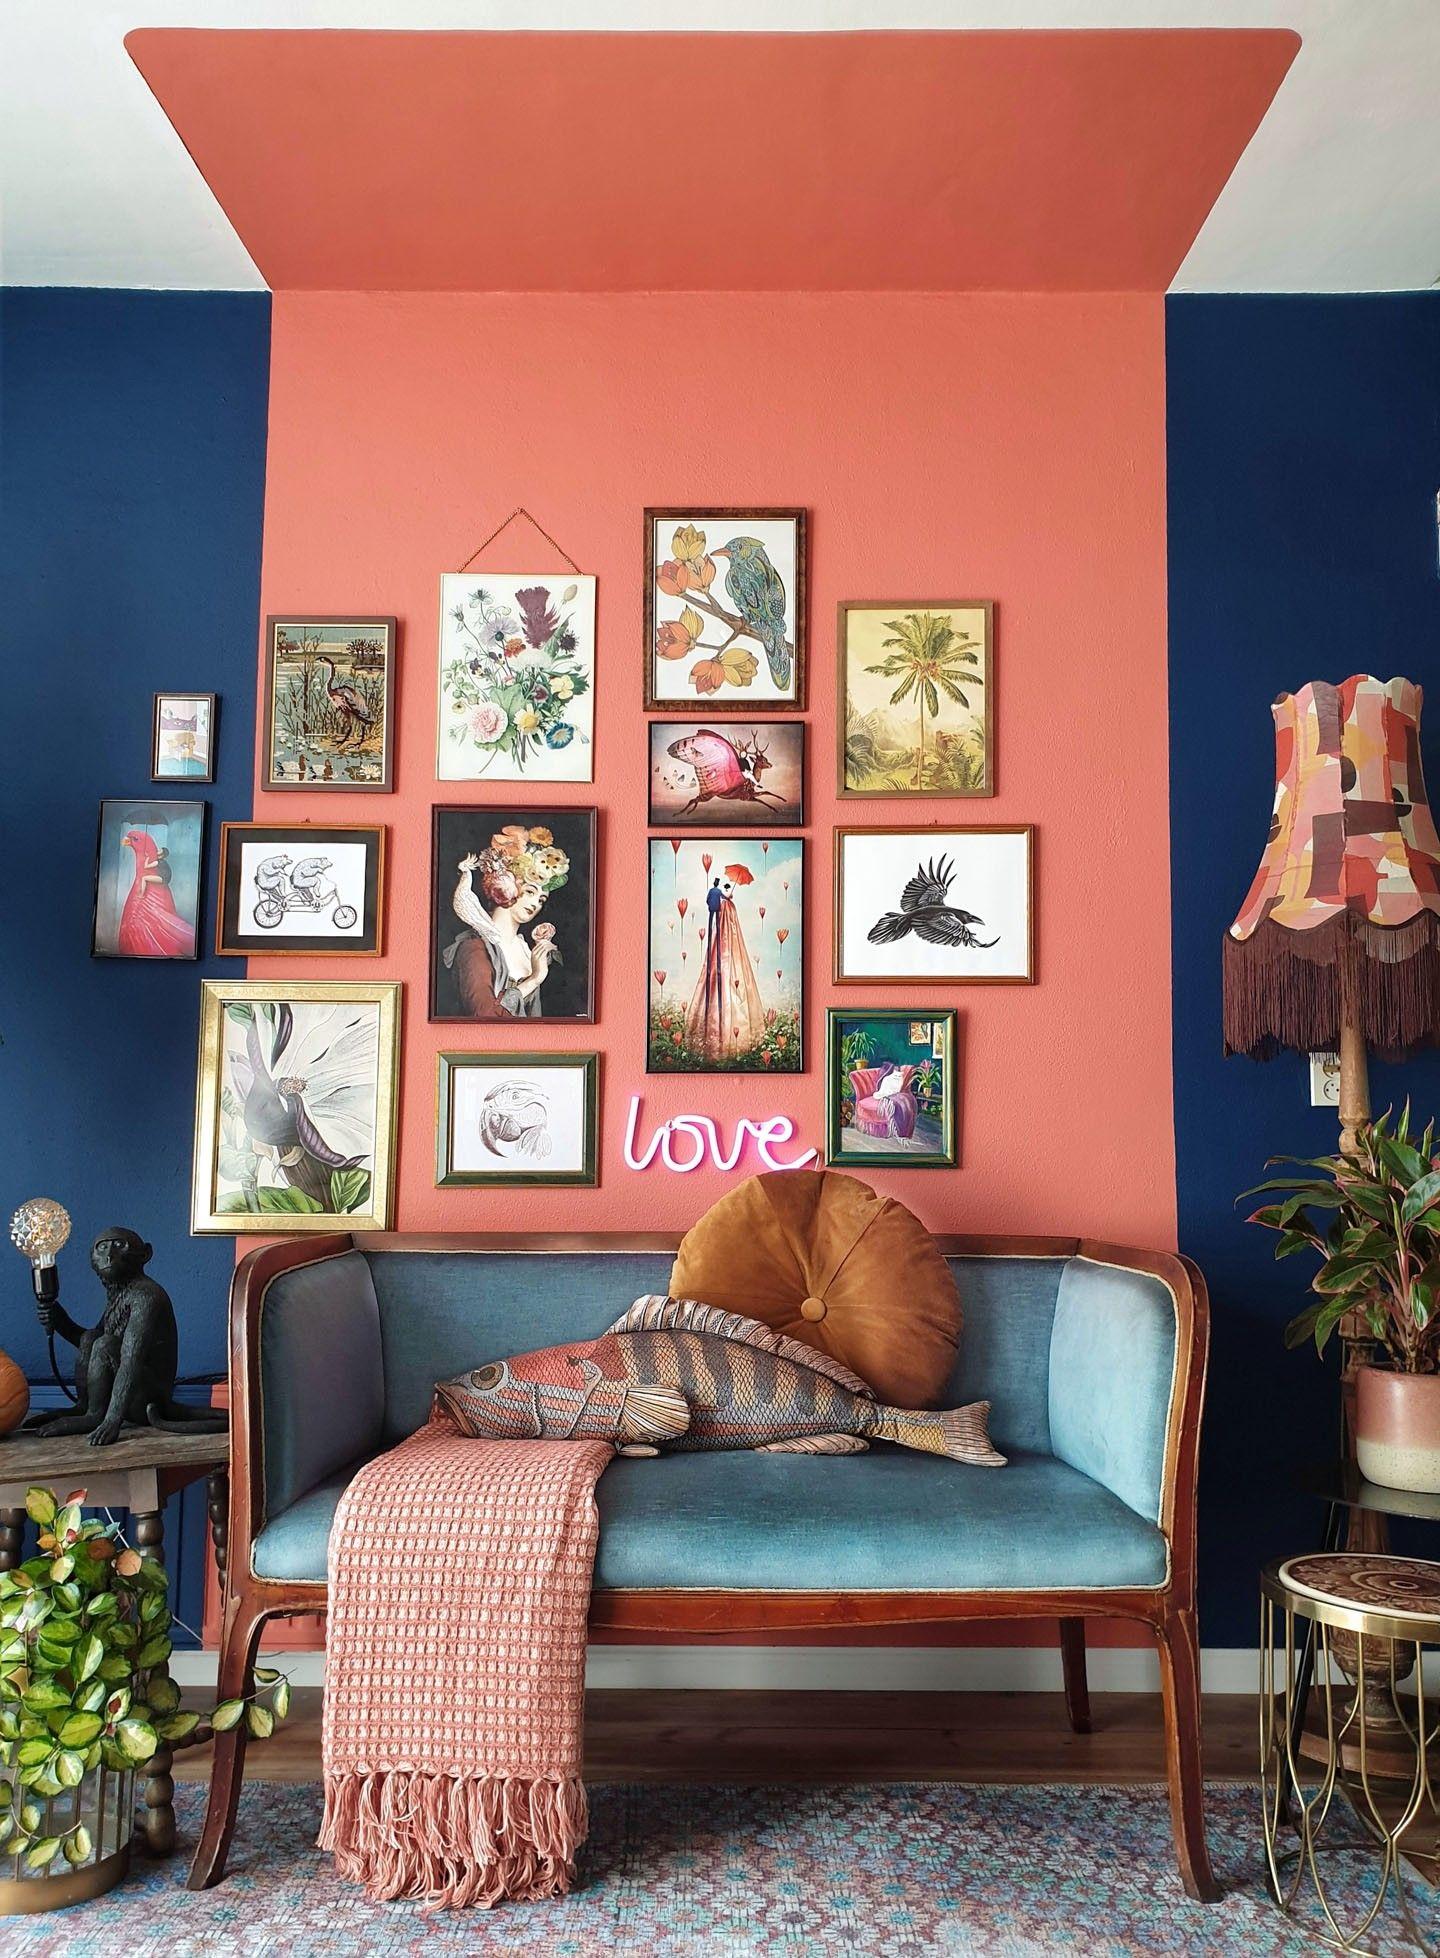 Décor do dia: sala de estar com pintura criativa e mix de quadros